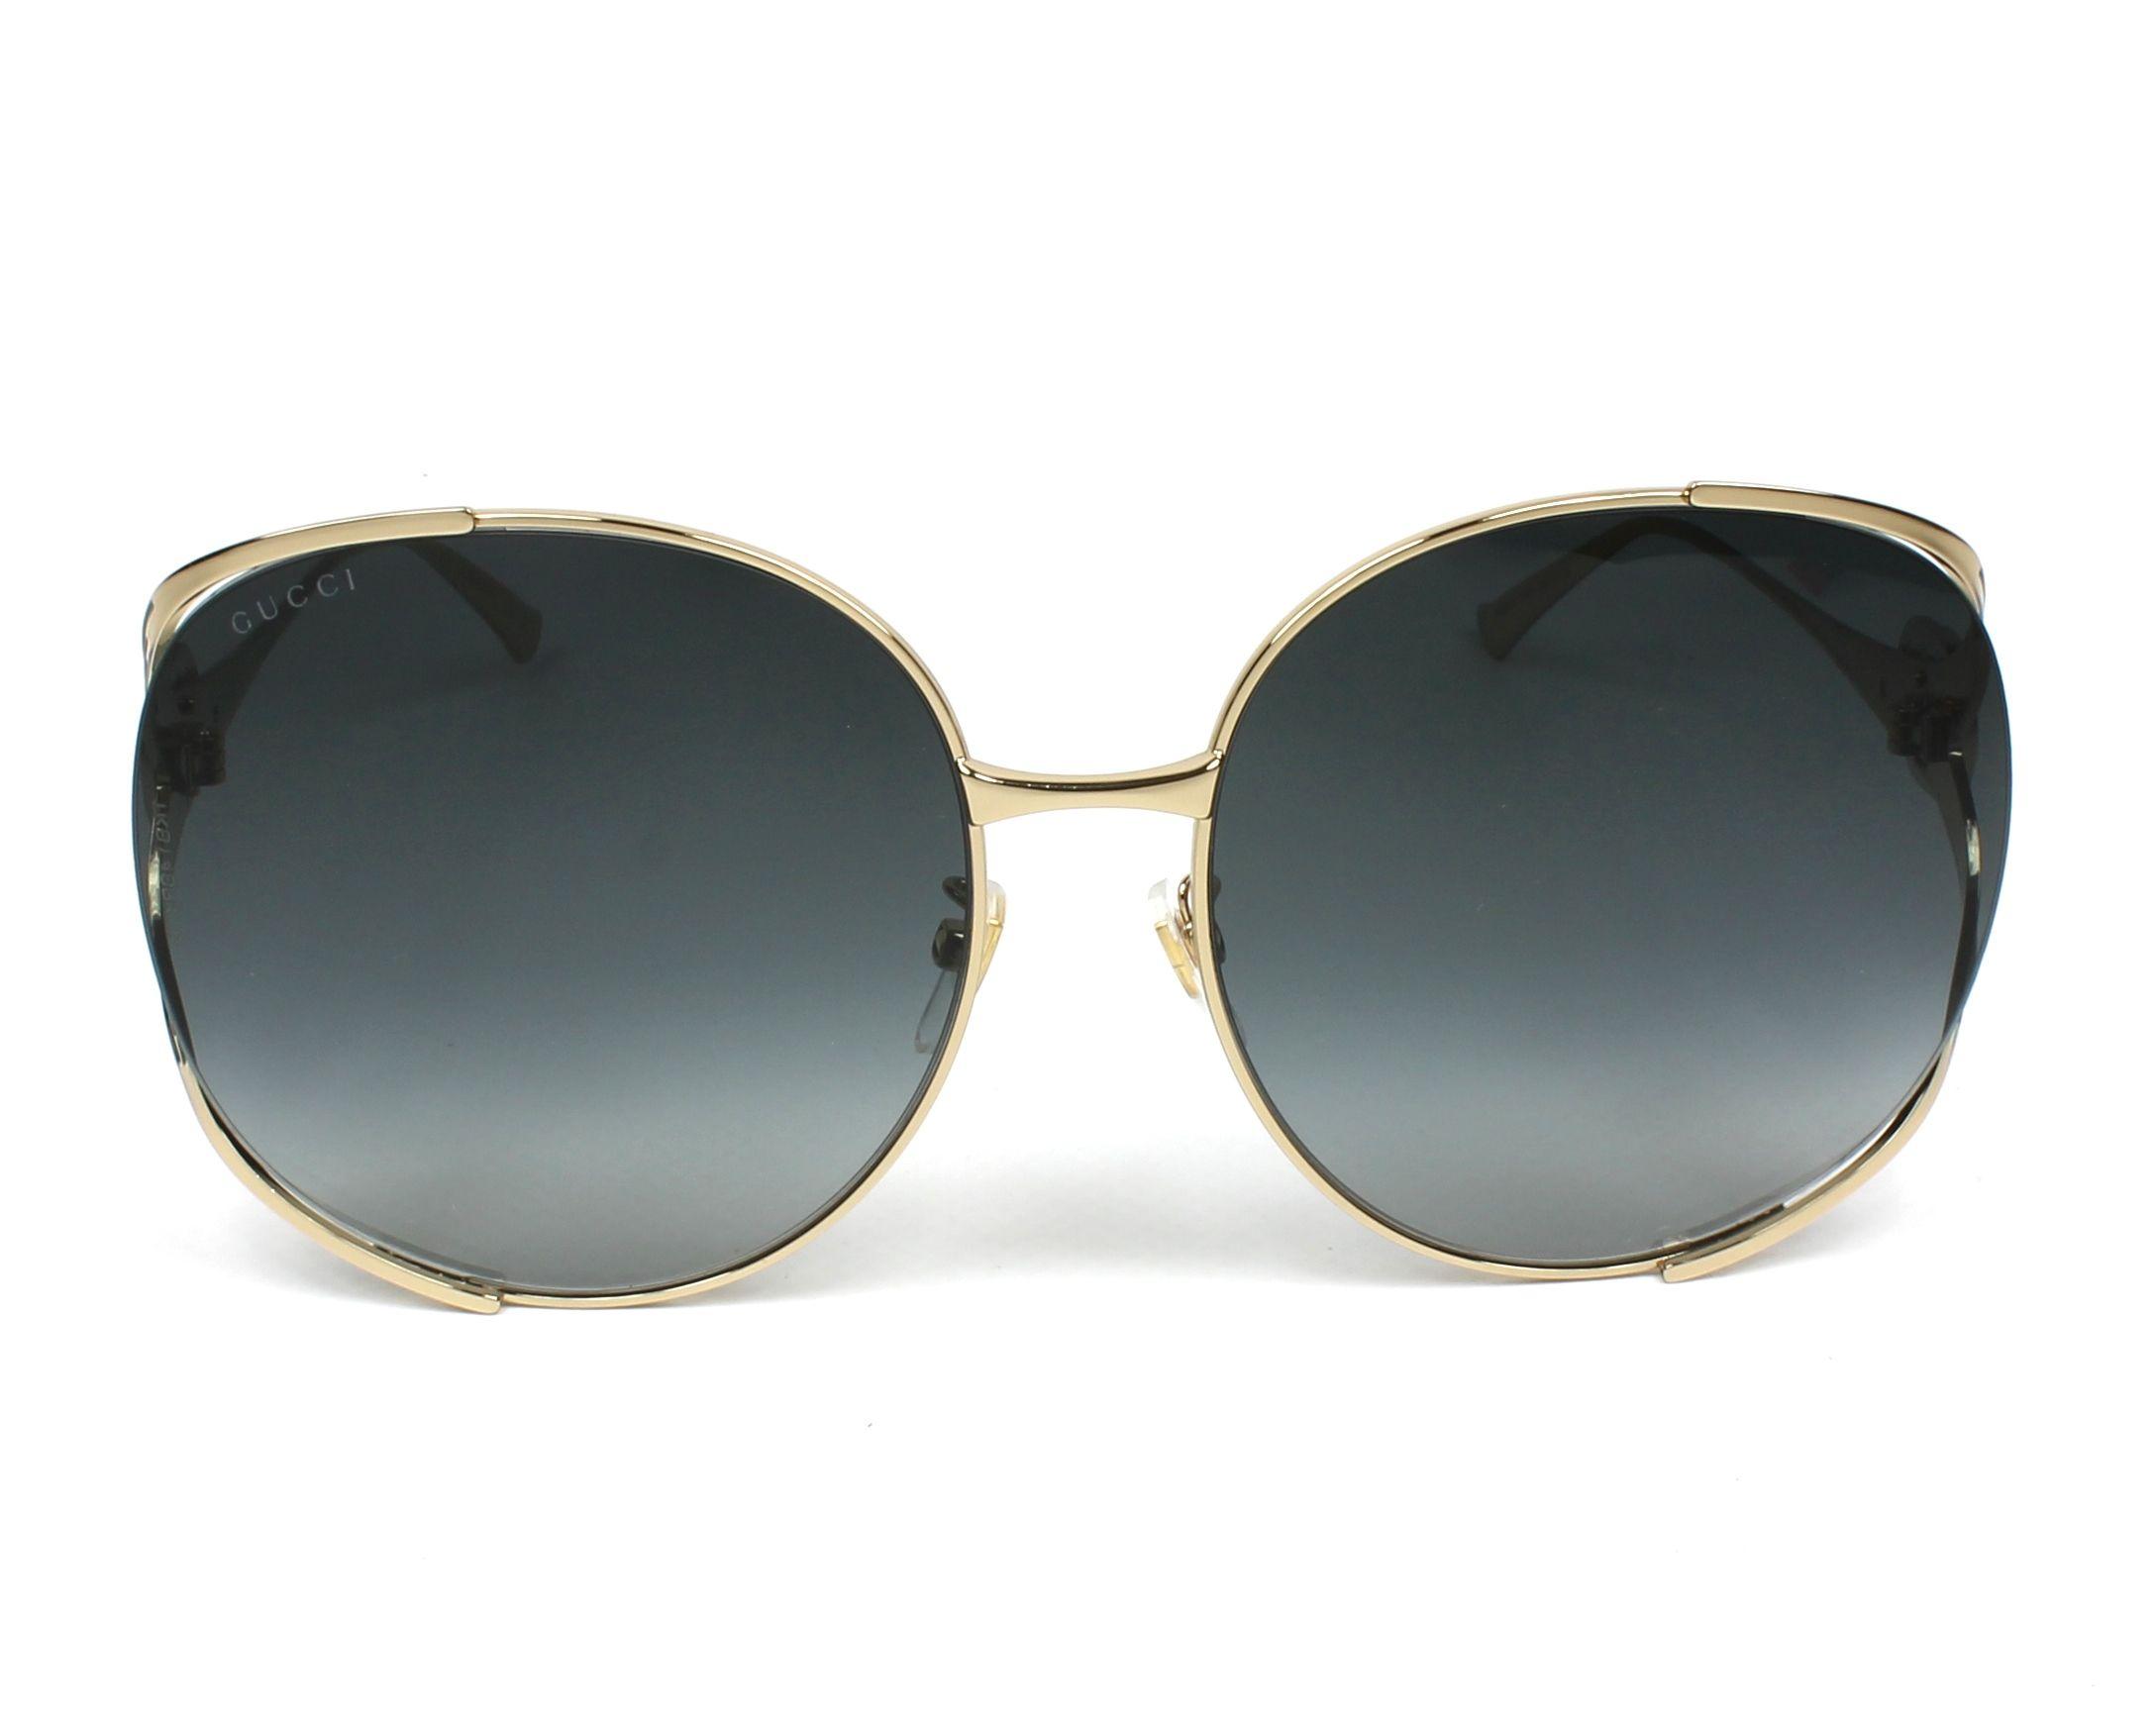 e4ba9f1b42 Sunglasses Gucci GG-0225-S 001 63-17 Gold Green front view